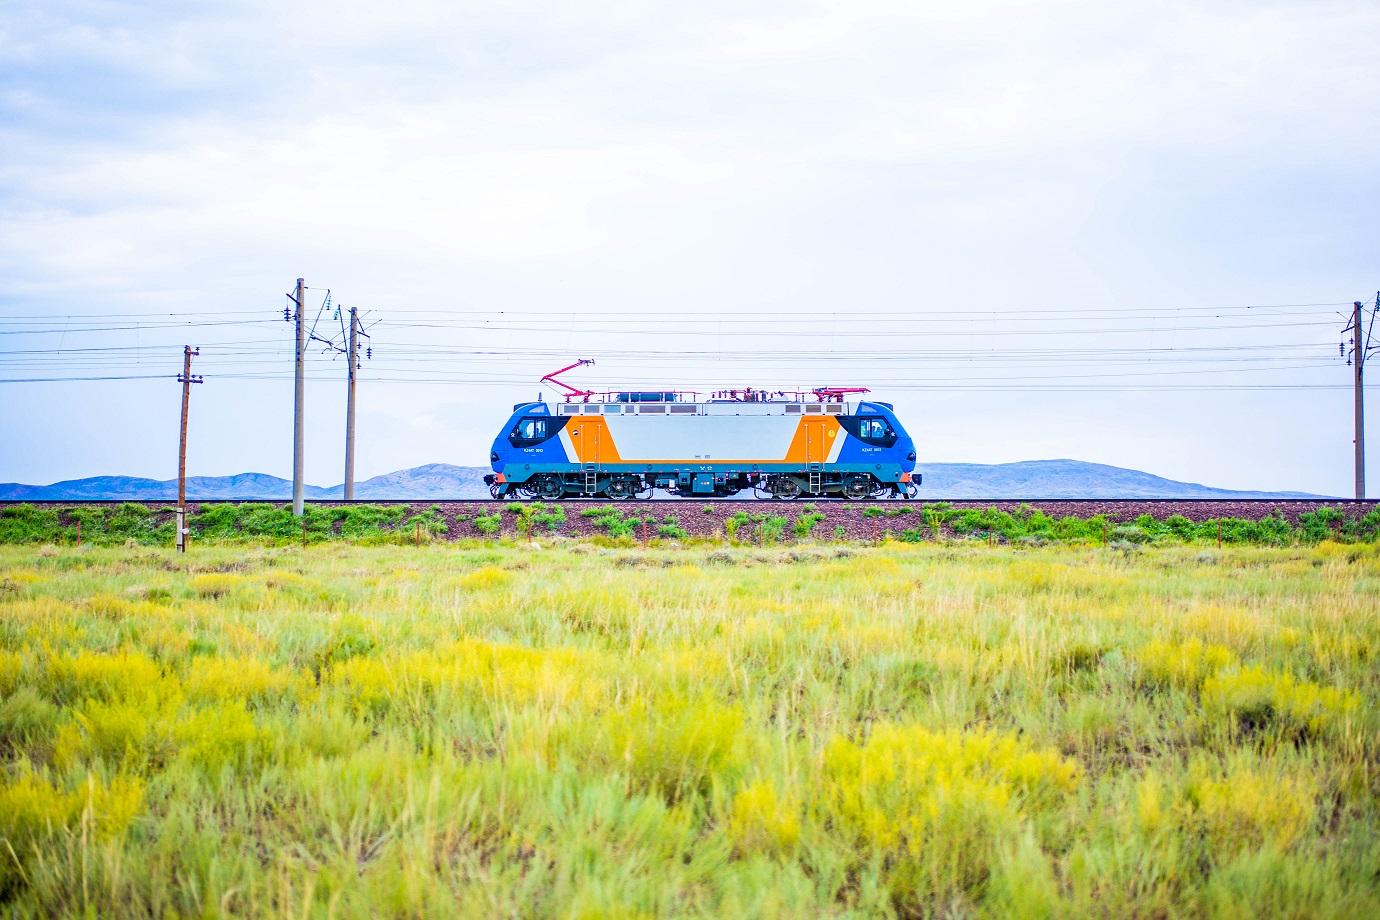 Alstom компаниясы Қазақстанда жолаушылар локомотивтерін өндіруді бастады - на tech.bugin.kz